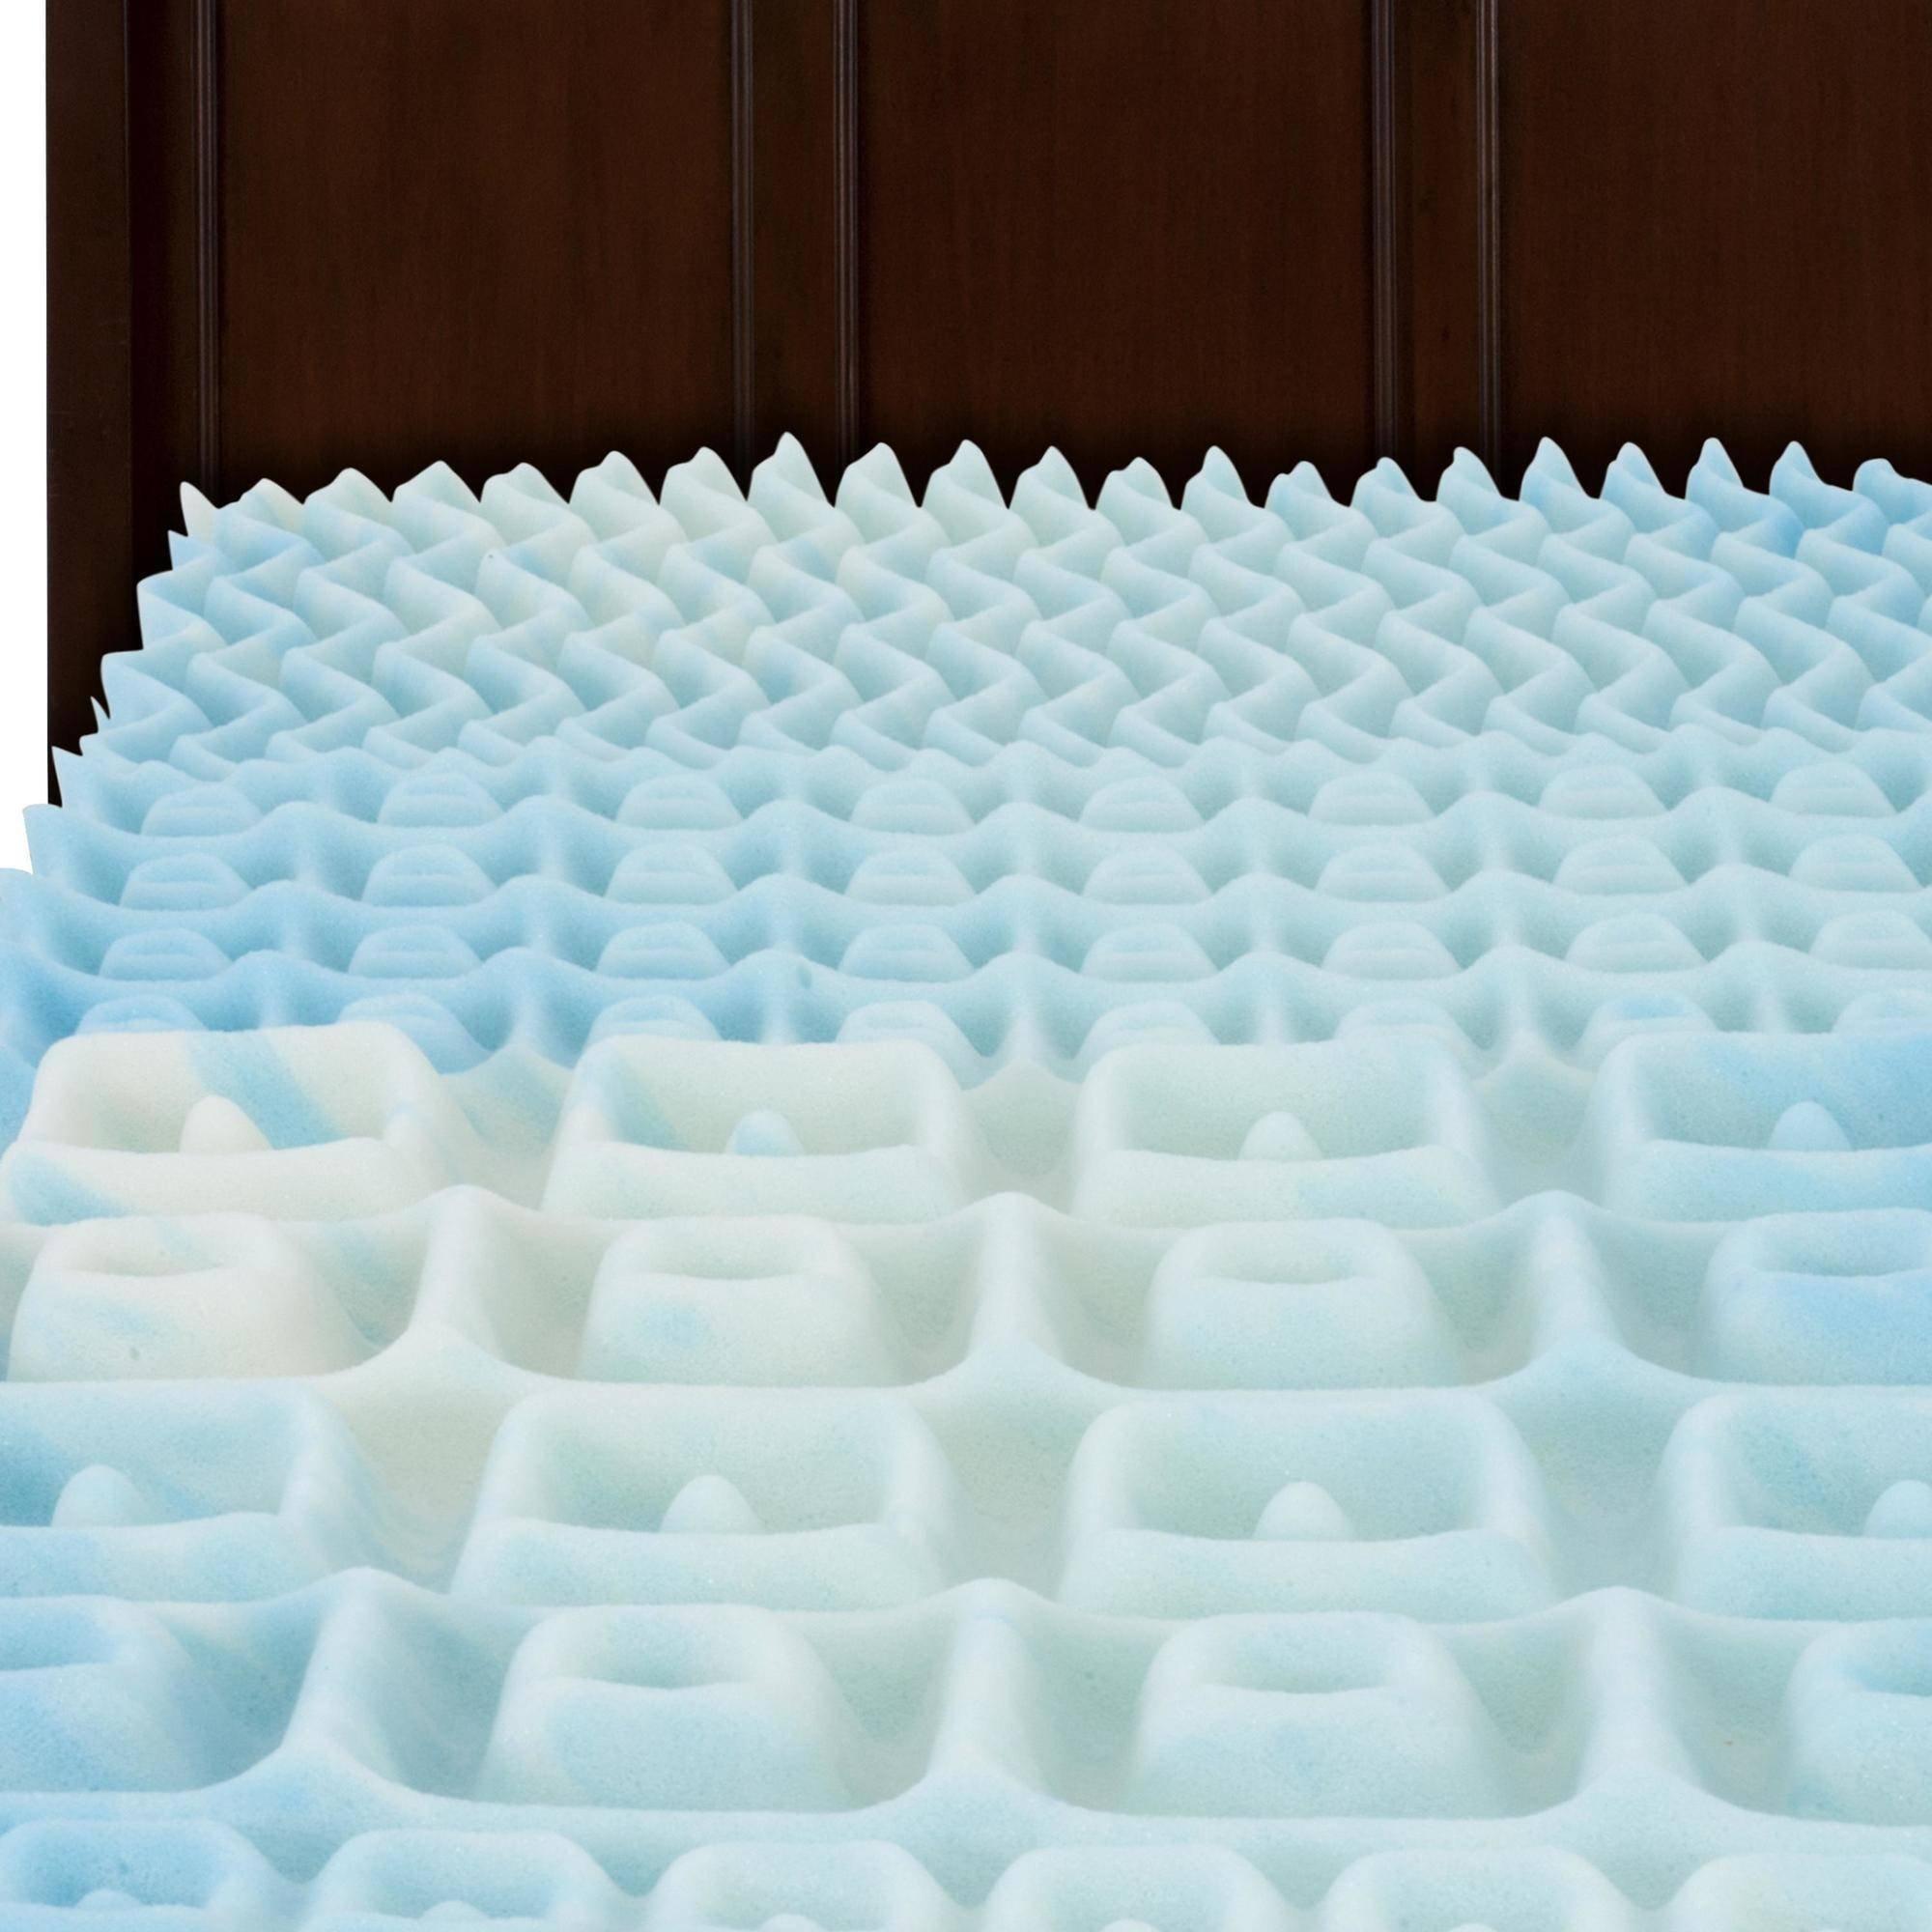 Beautyrest 3'' Convoluted SwirlGel Foam Mattress Topper, Twin Size